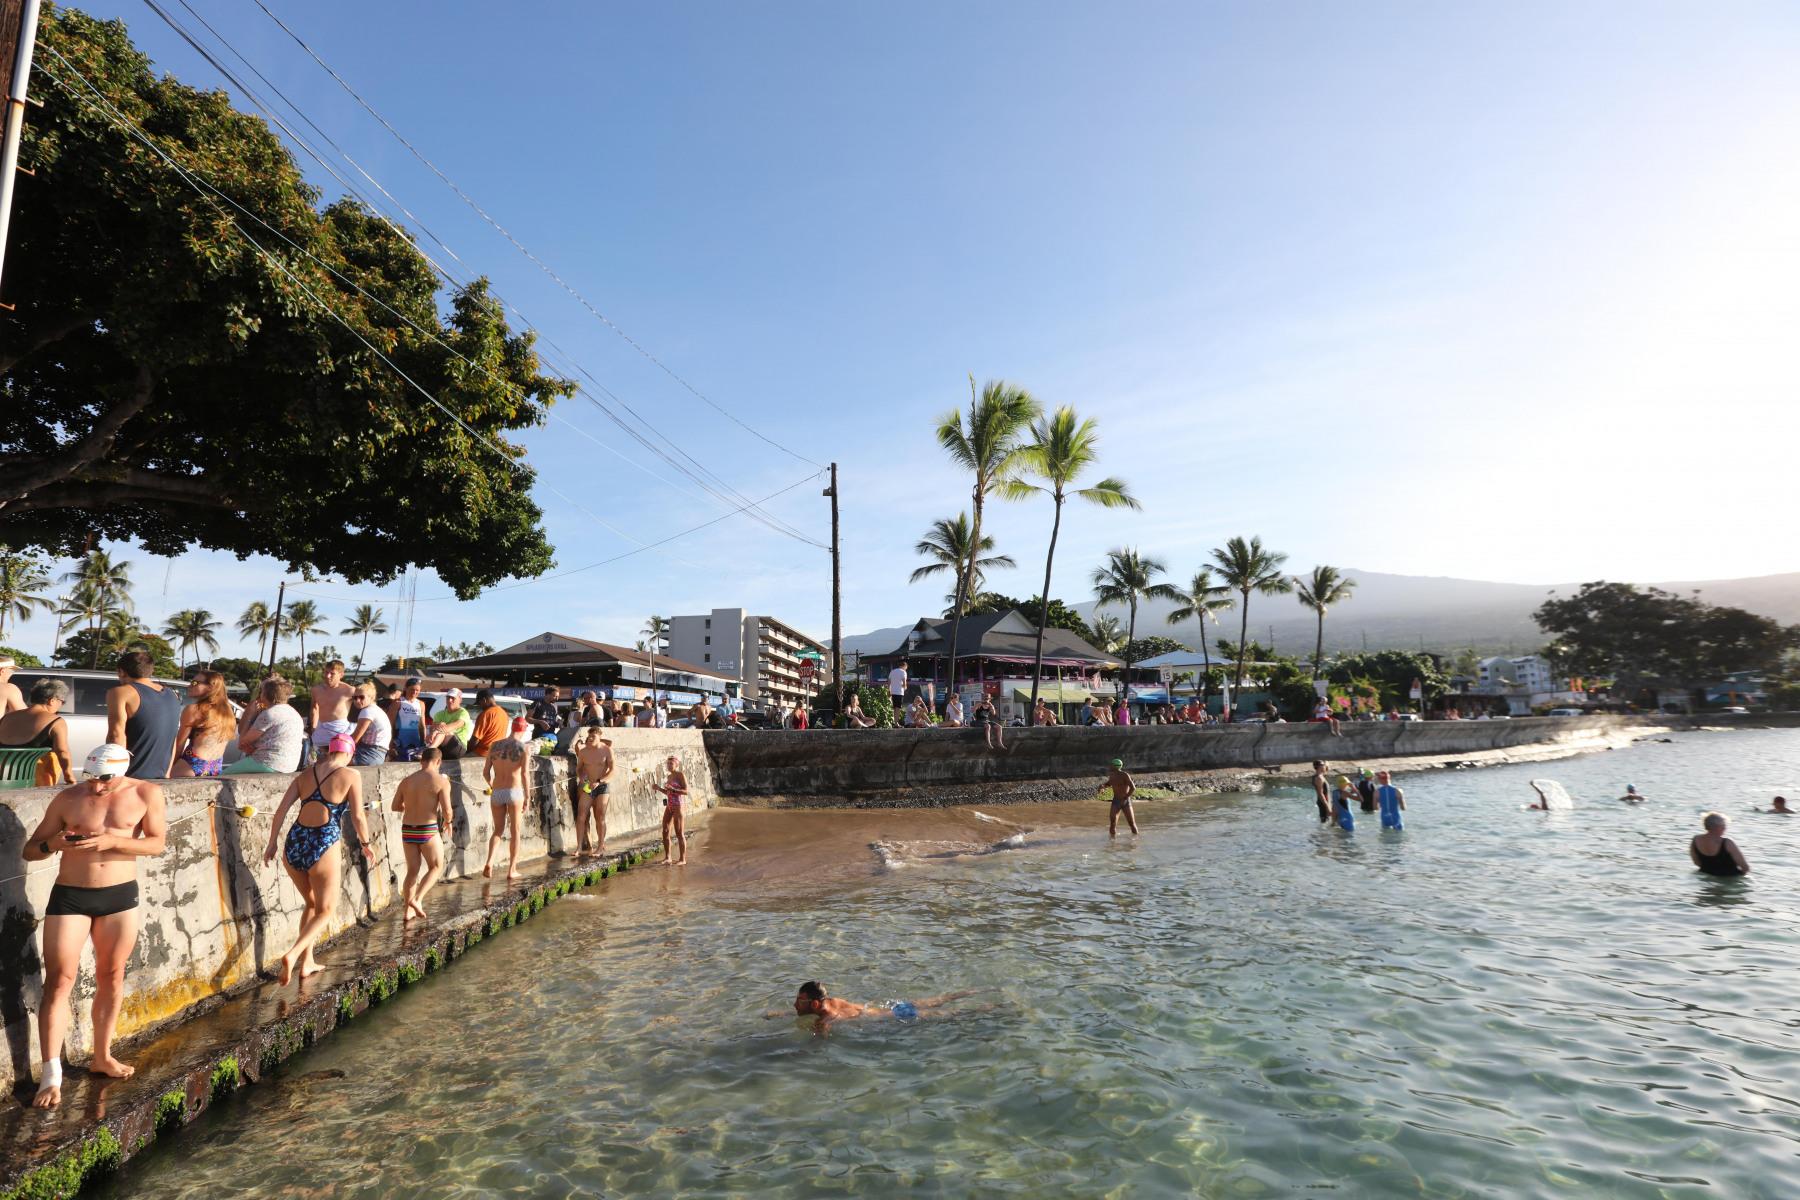 Der Strom der Schwimmbegeisterten reißt nicht ab.